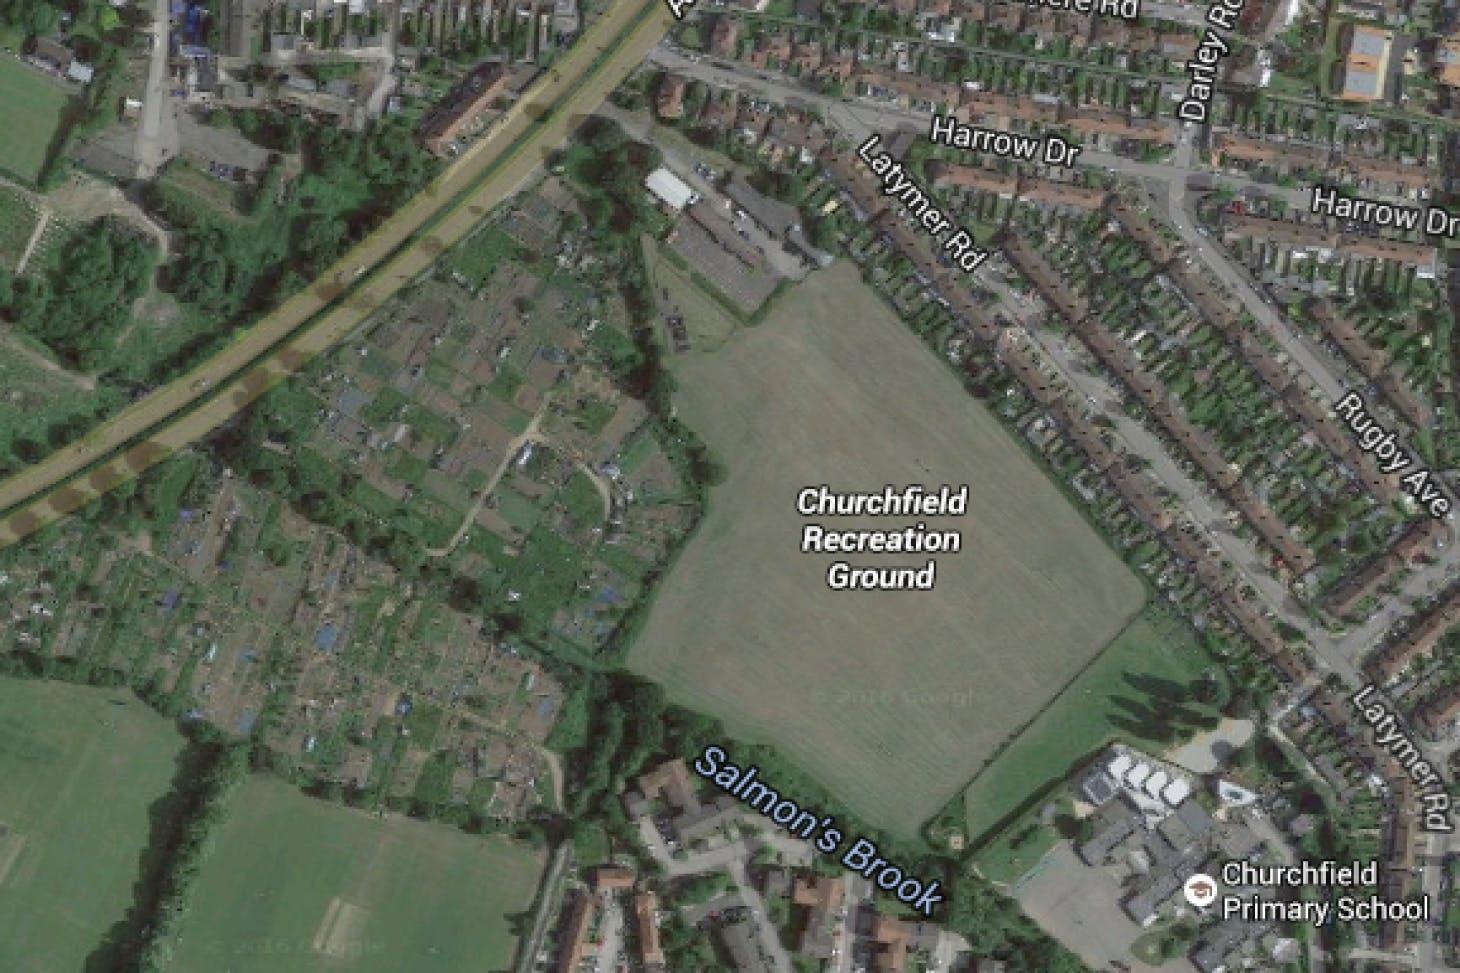 Churchfields Recreation Ground 11 a side | Grass football pitch